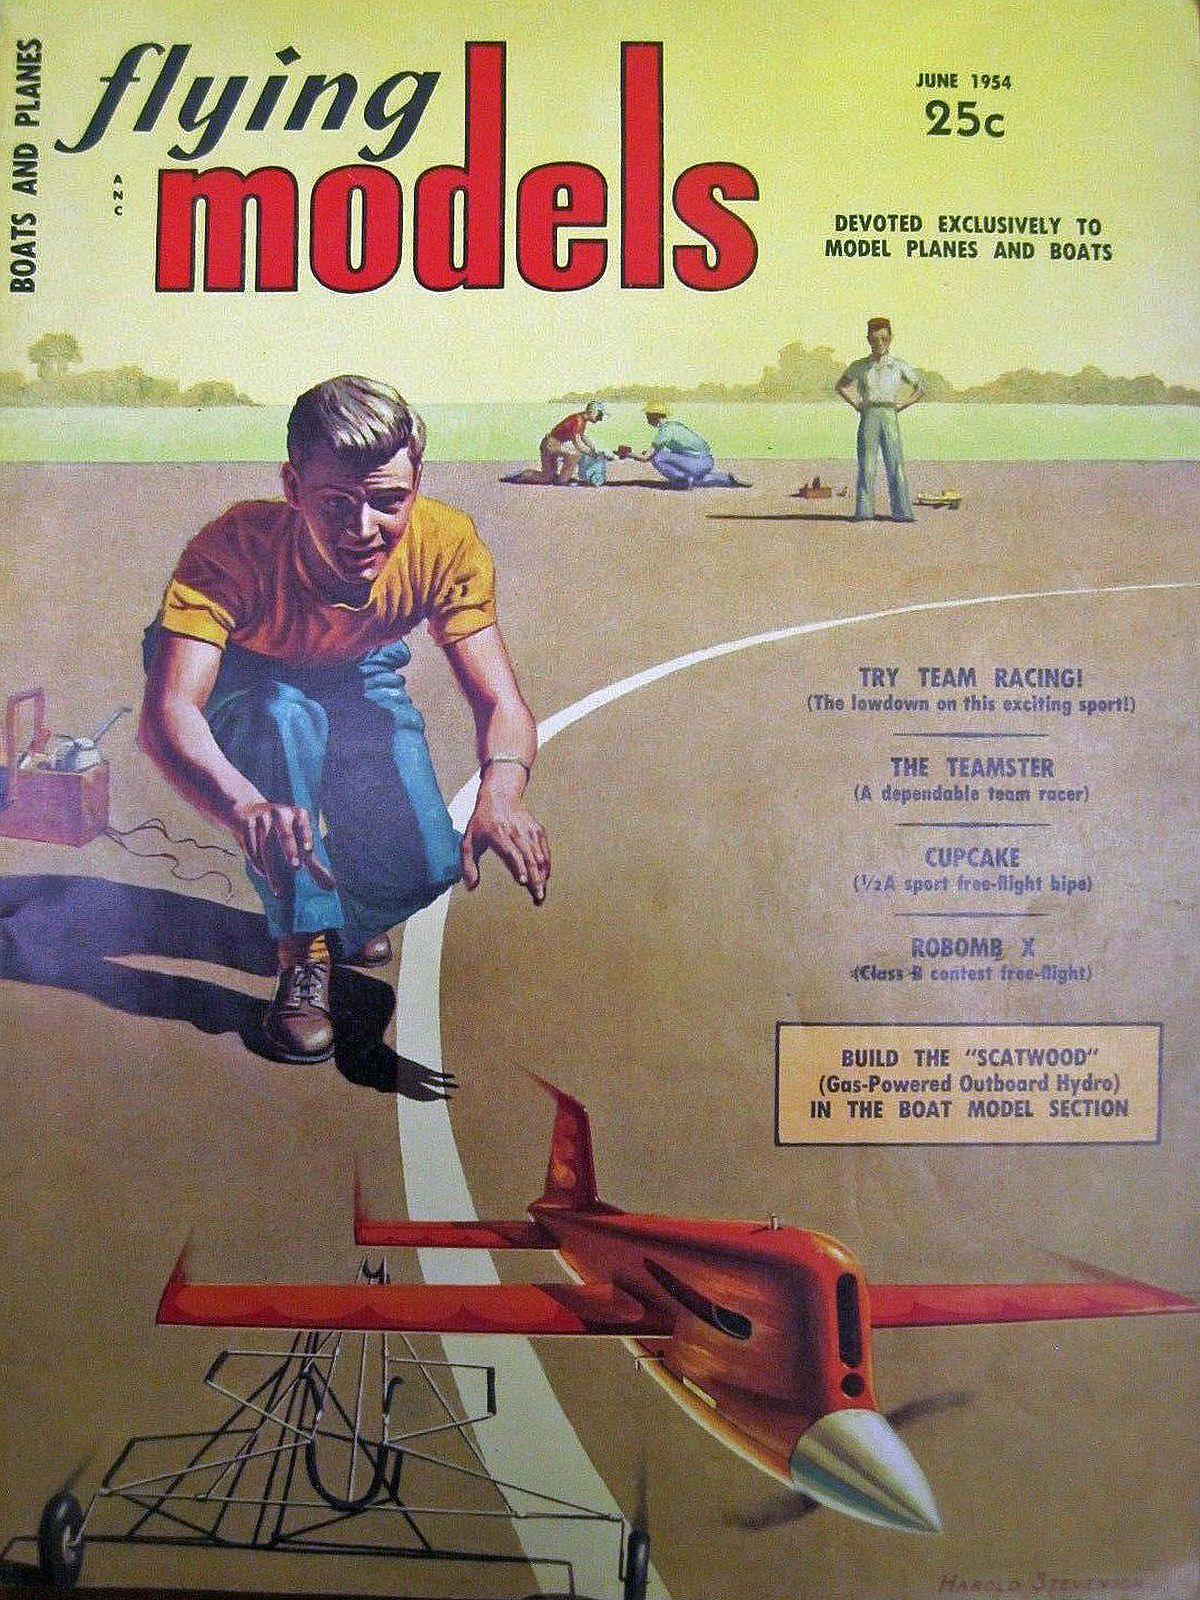 Vintage Flying Models Magazine June 1954 | Vintage